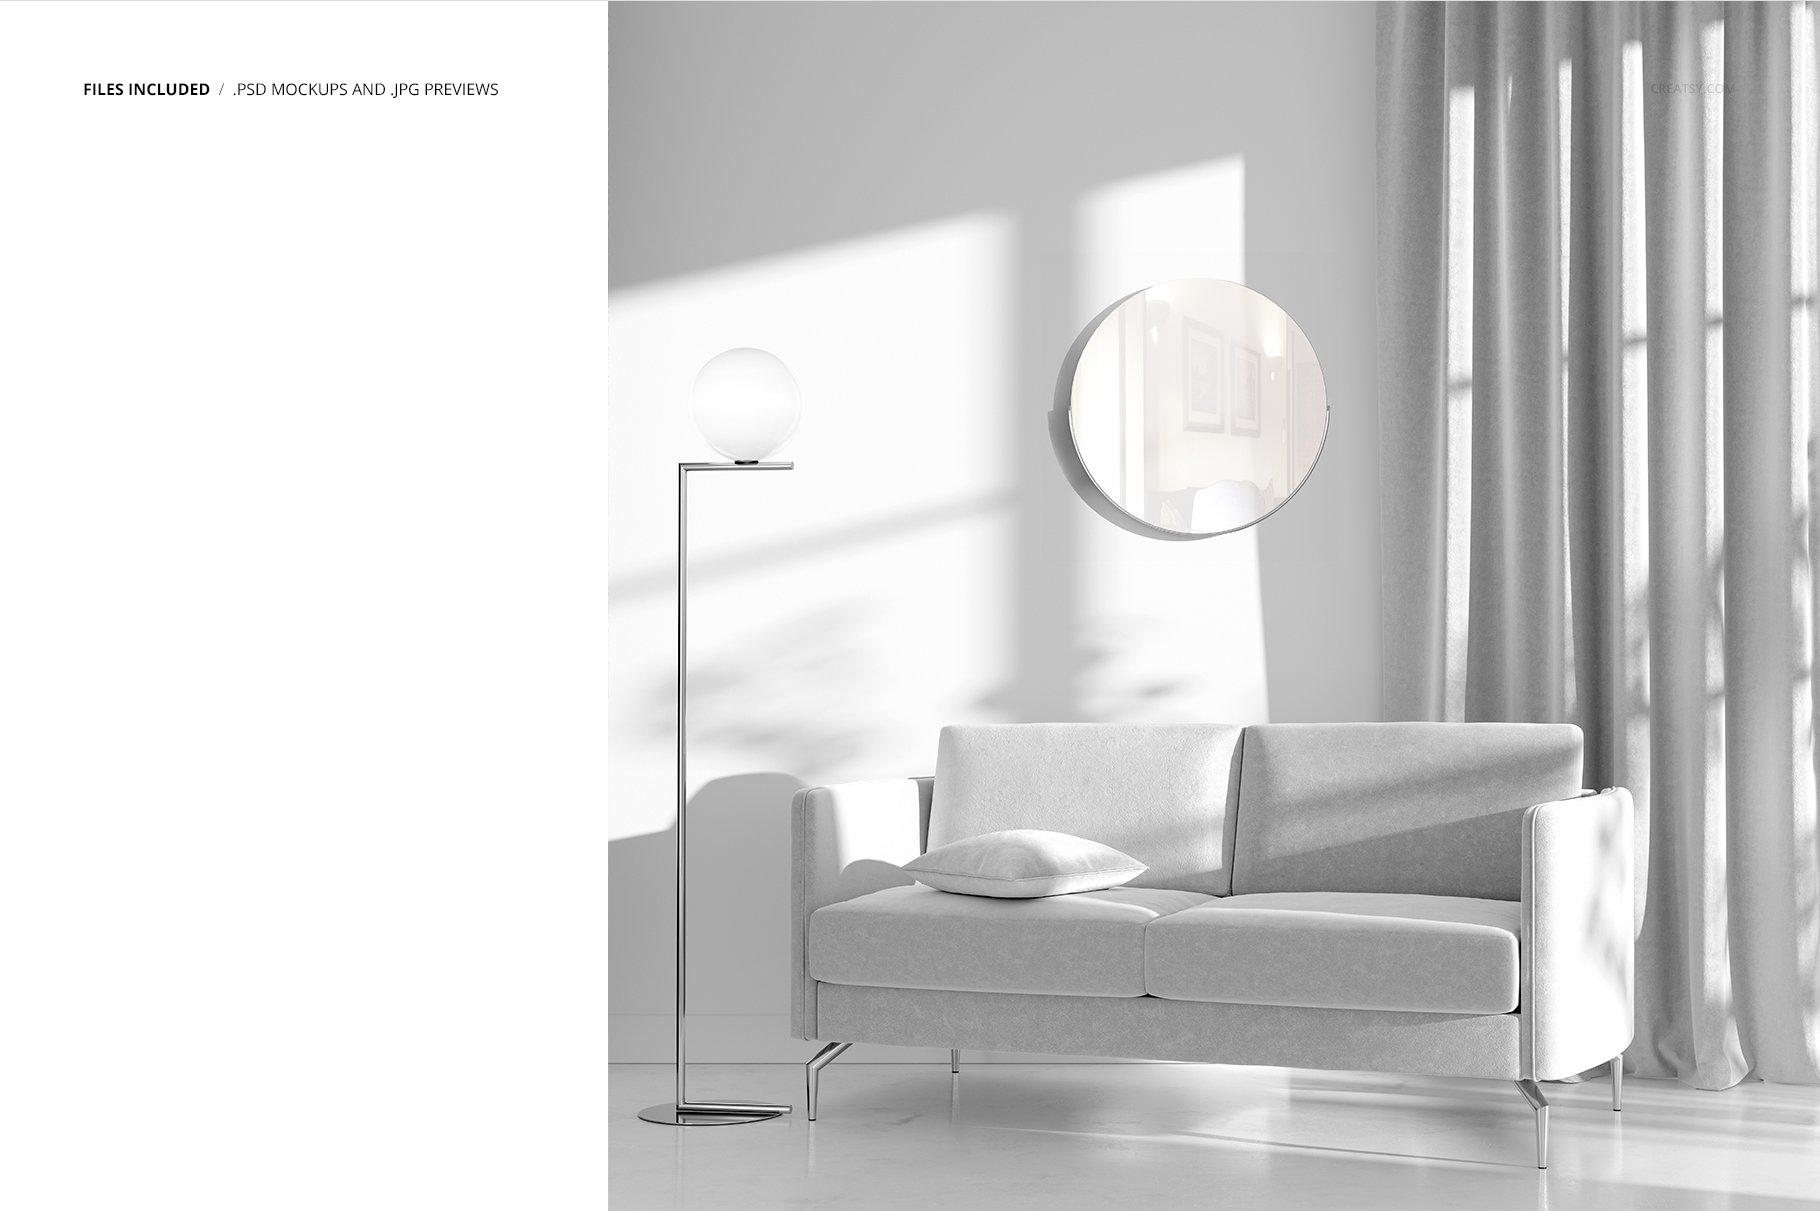 带阴影室内双人沙发印花图案设计PS贴图样机模板 Interior Scene Mockup插图2